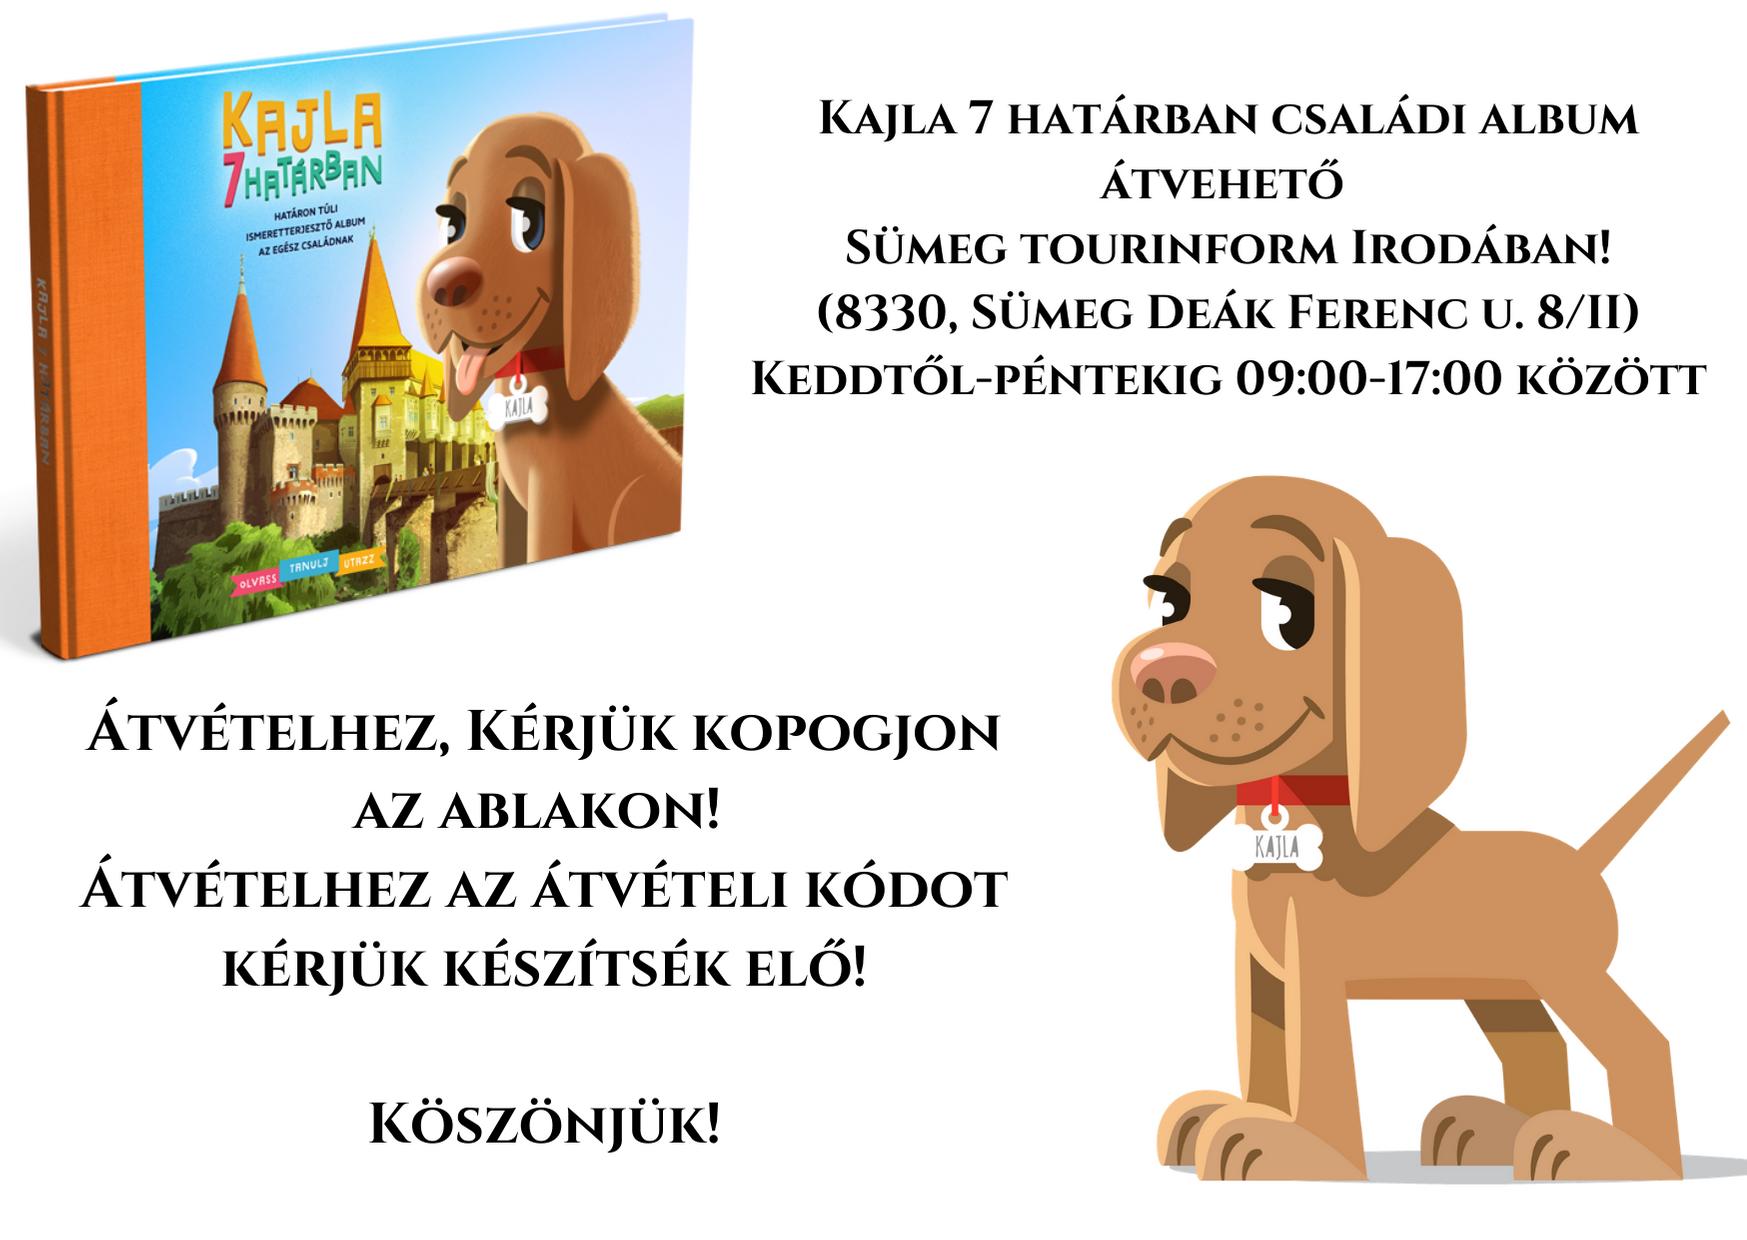 Kajla 7 határban könyvek átvétele